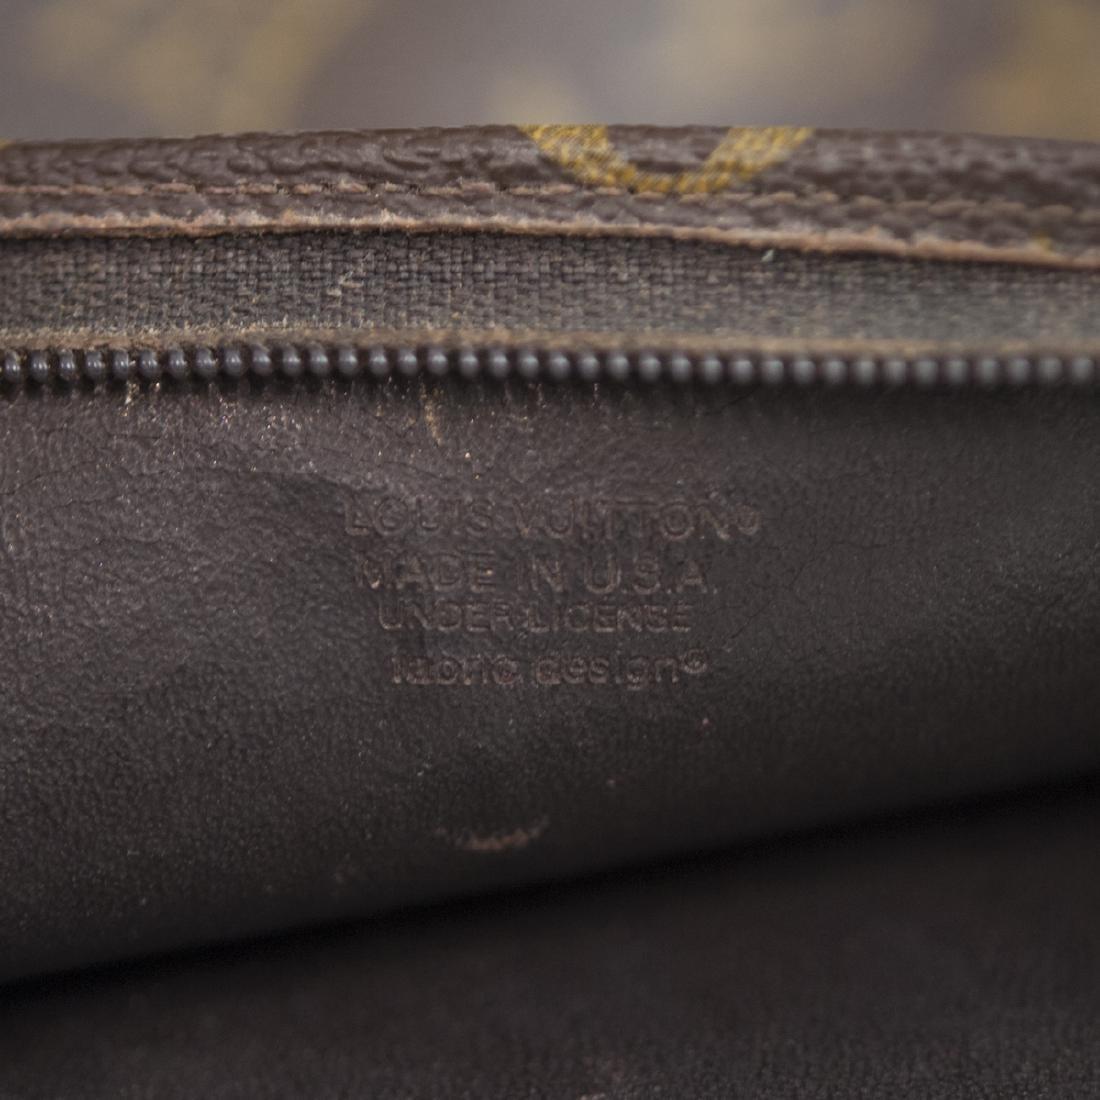 Louis Vuitton Canvas Clutch - 2